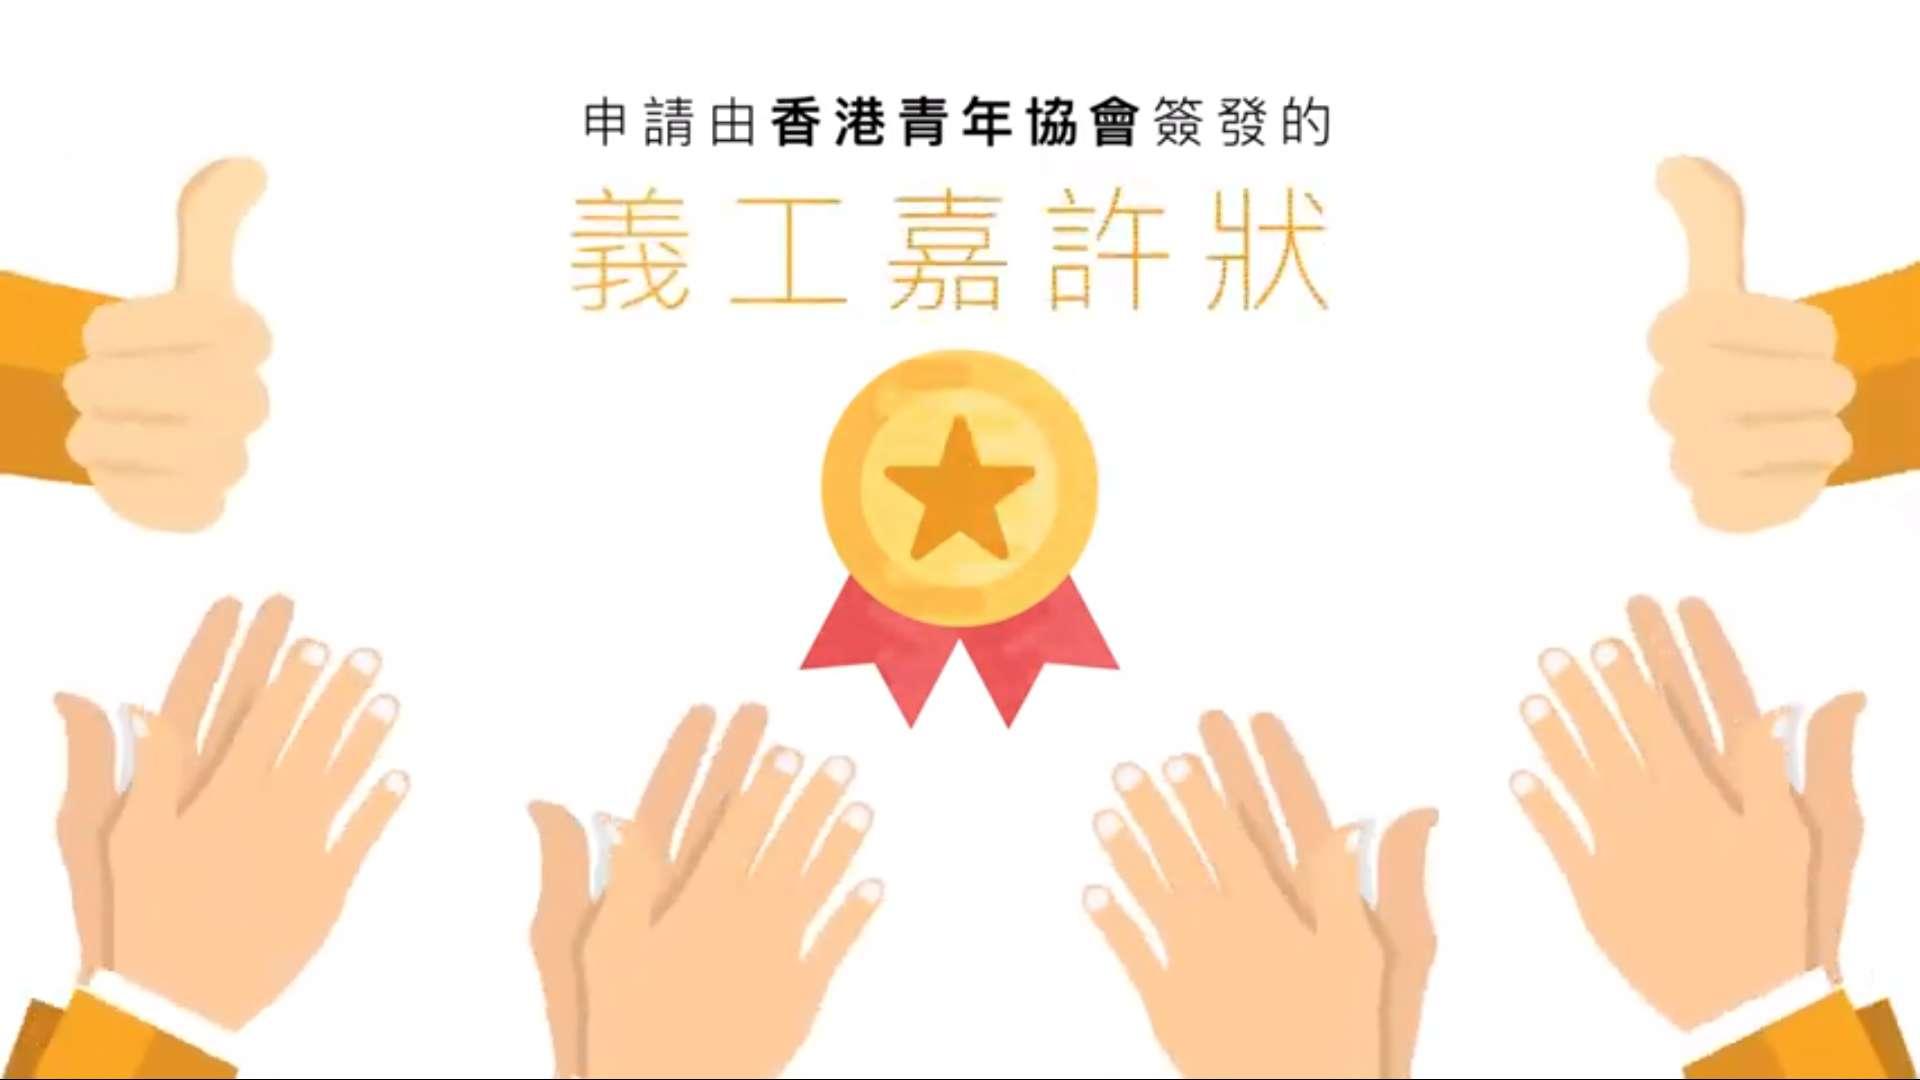 全新面貌「好義配 easyvolunteer.hk」一站式義工配對平台